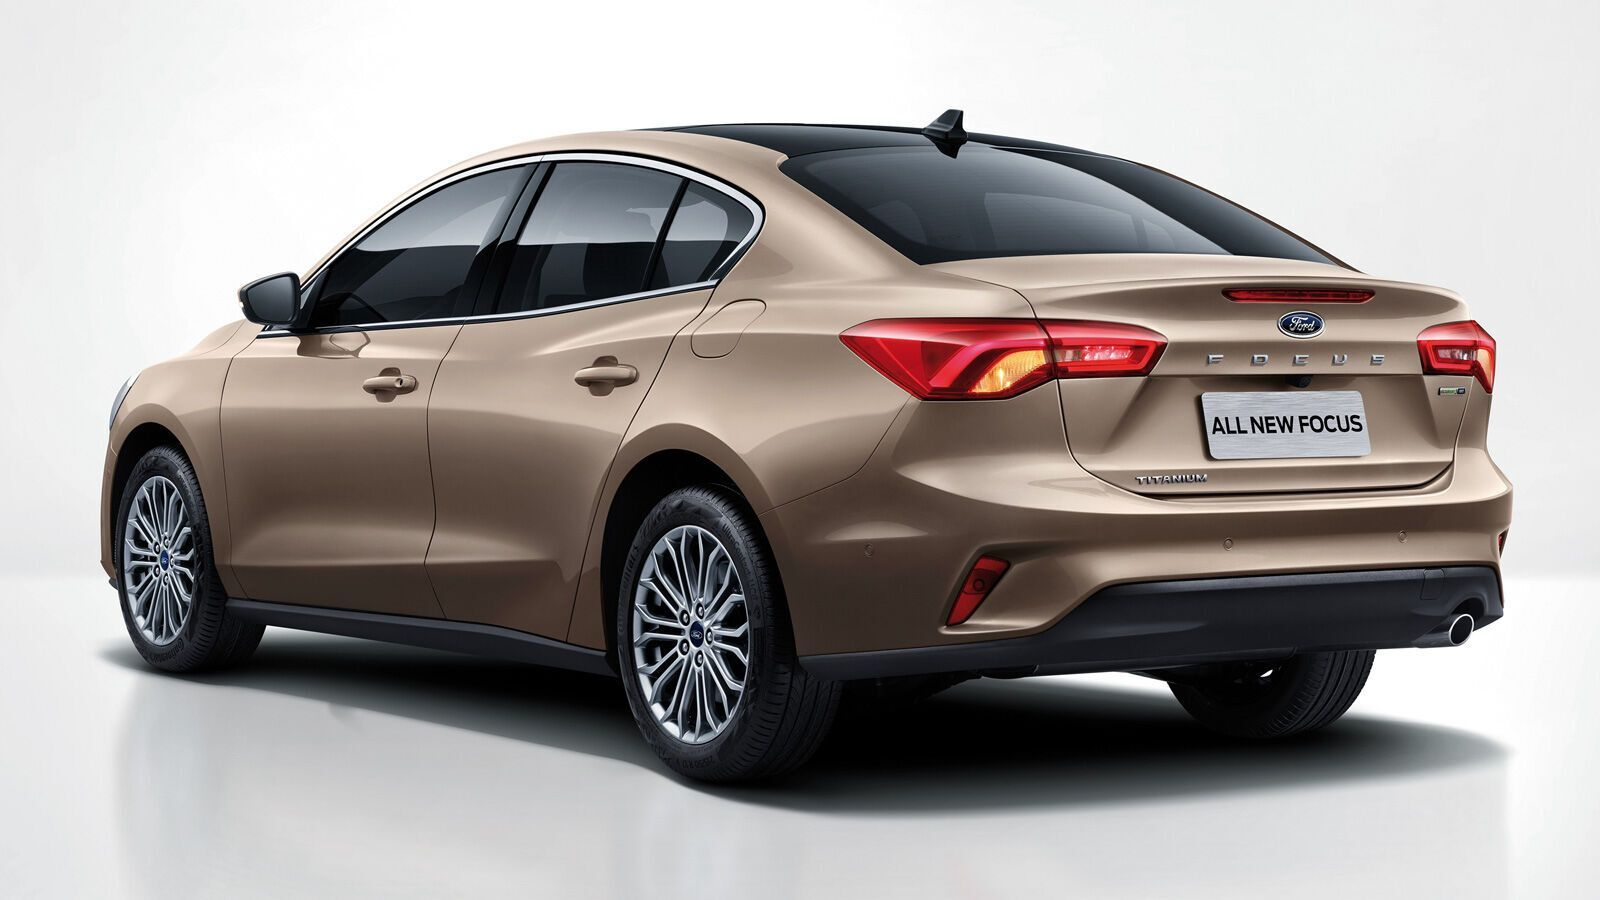 У Ford Focus элегантная внешность